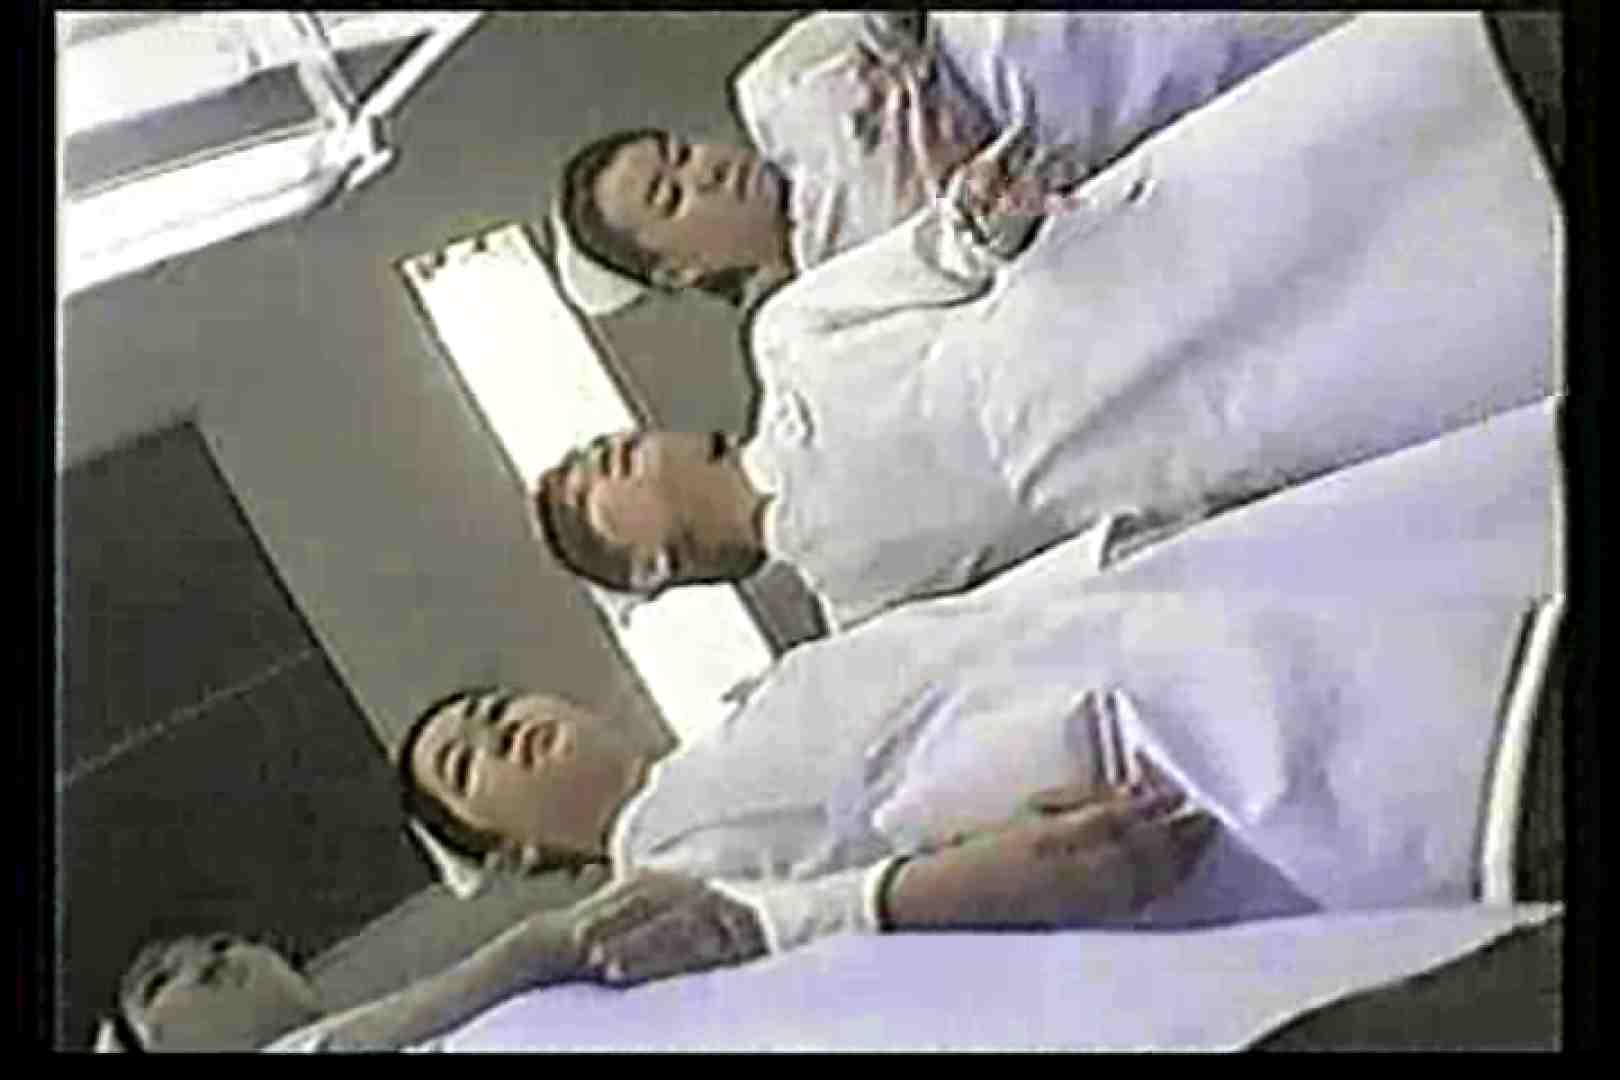 院内密着!看護婦達の下半身事情Vol.2 パンチラのぞき エロ無料画像 79画像 64